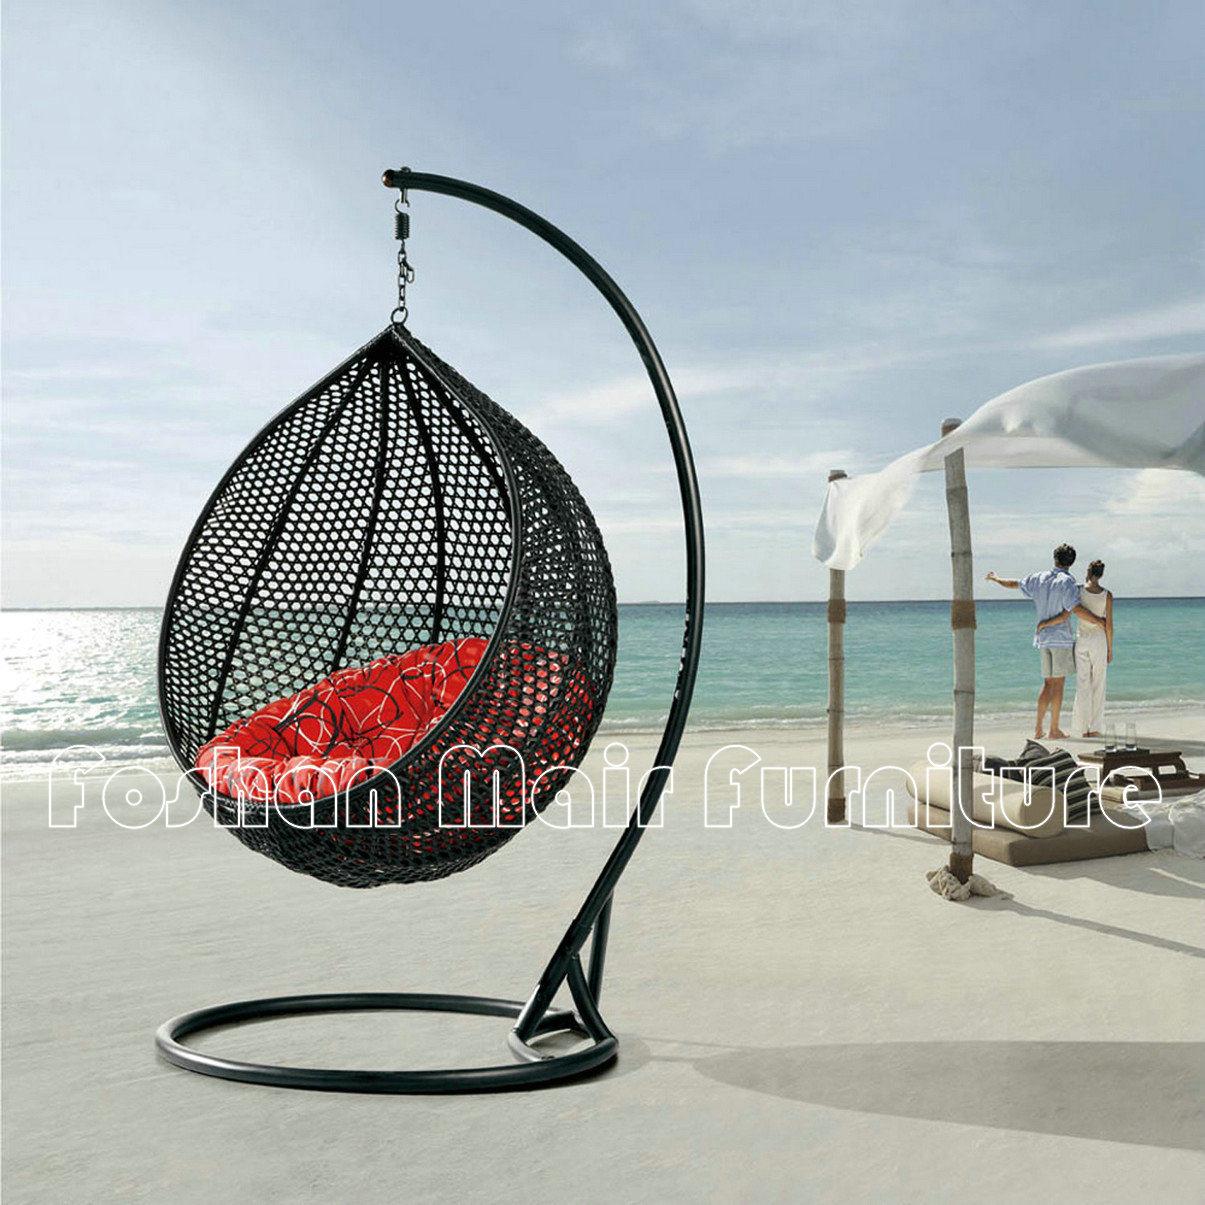 Stoel van de schommeling van het ei van de tuin van de rotan de hangende stoel van de - Rotan stoel van de wereld ...